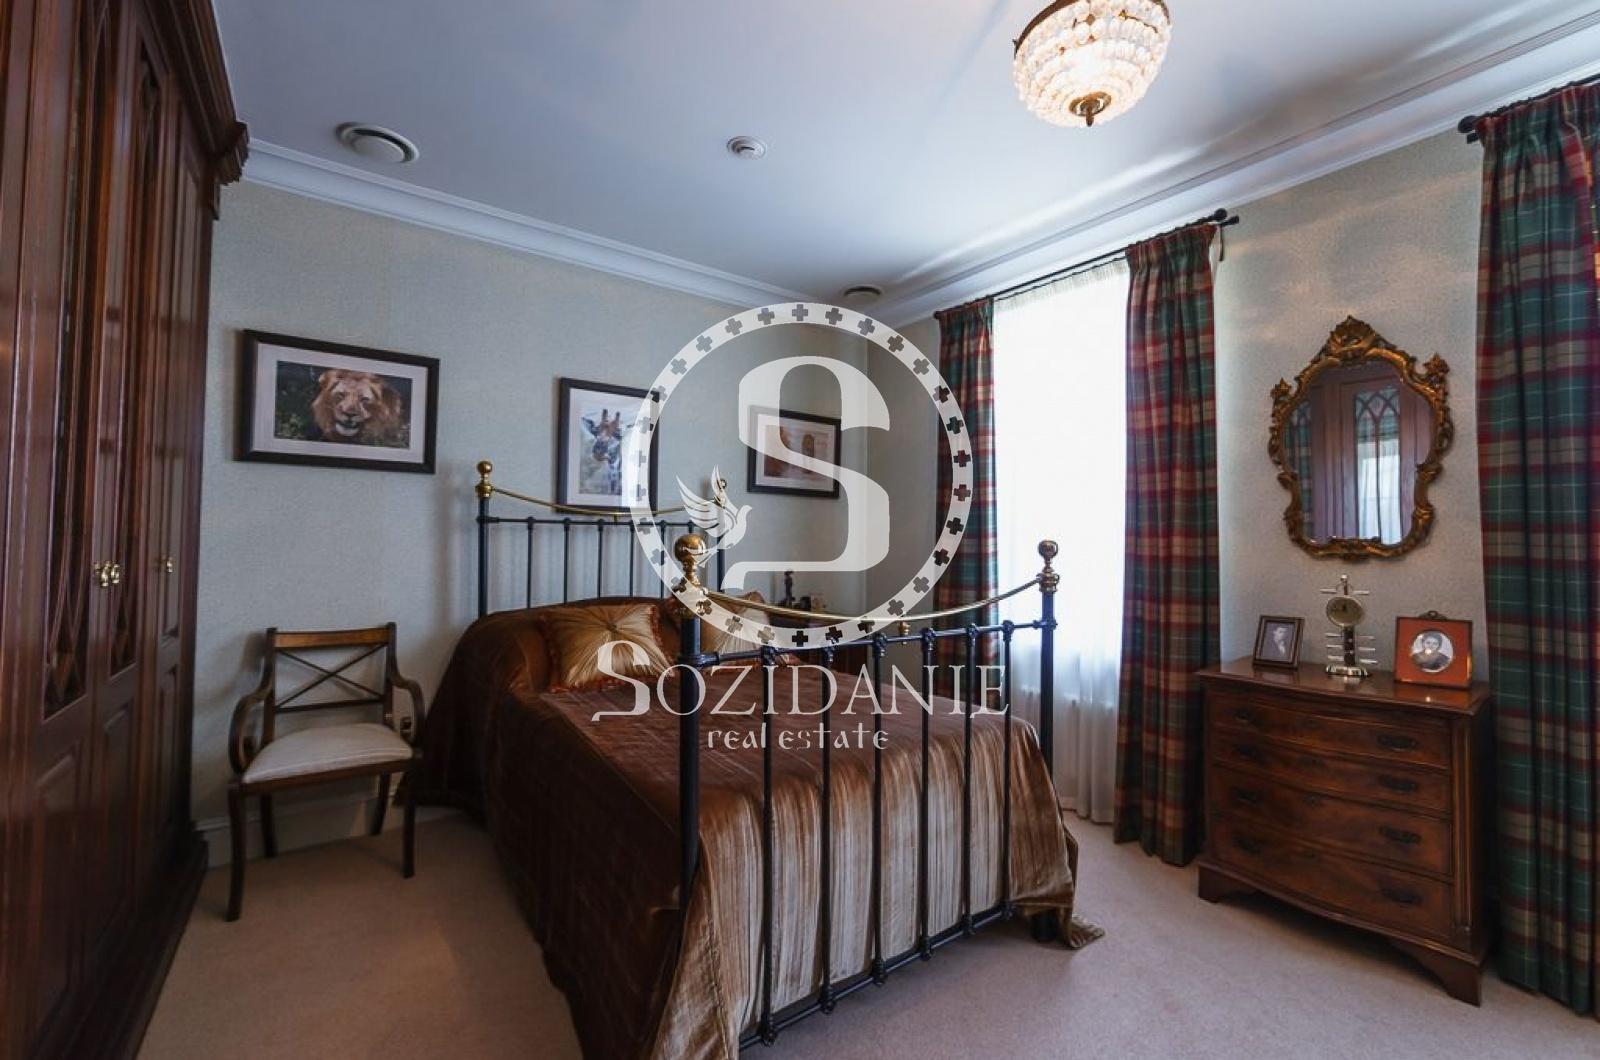 4 Bedrooms, Загородная, Продажа, Listing ID 1414, Московская область, Россия,